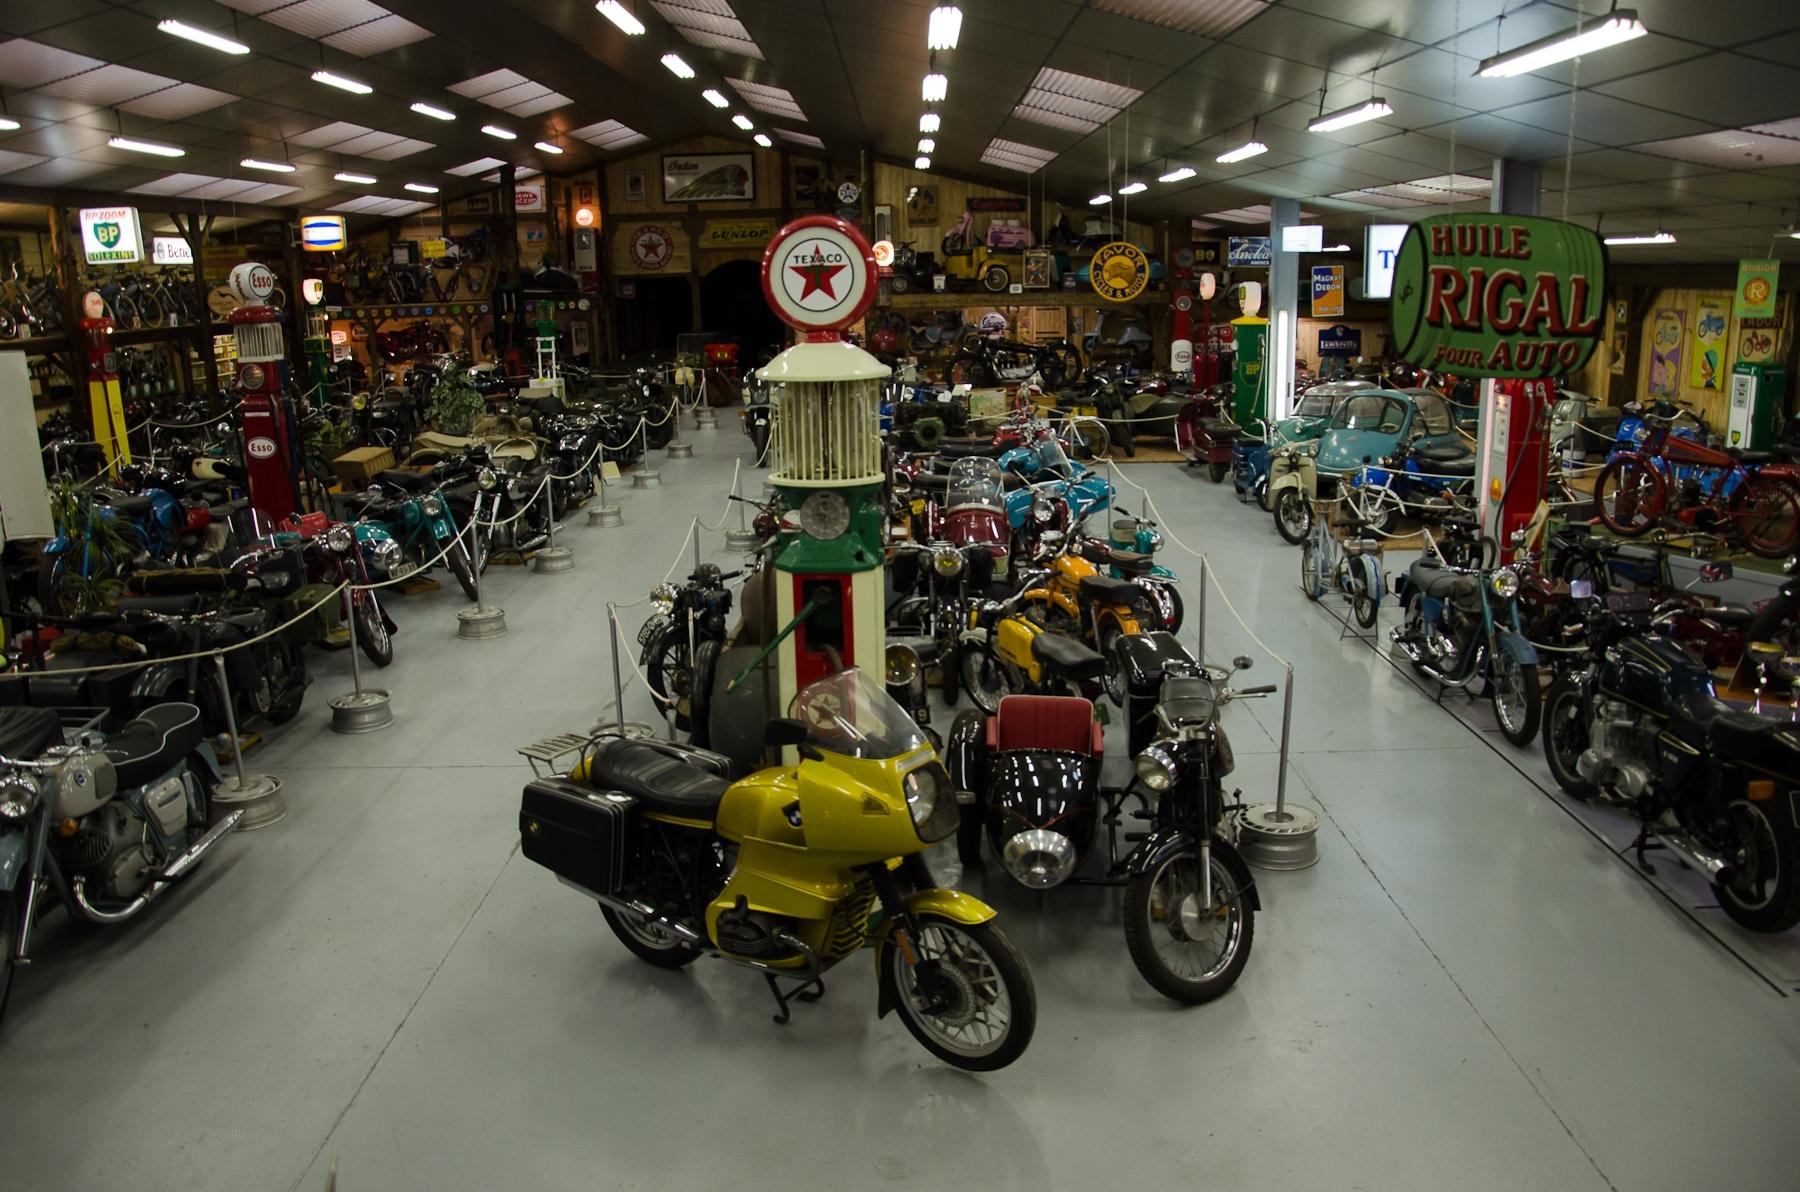 Musée de la Moto – Riom